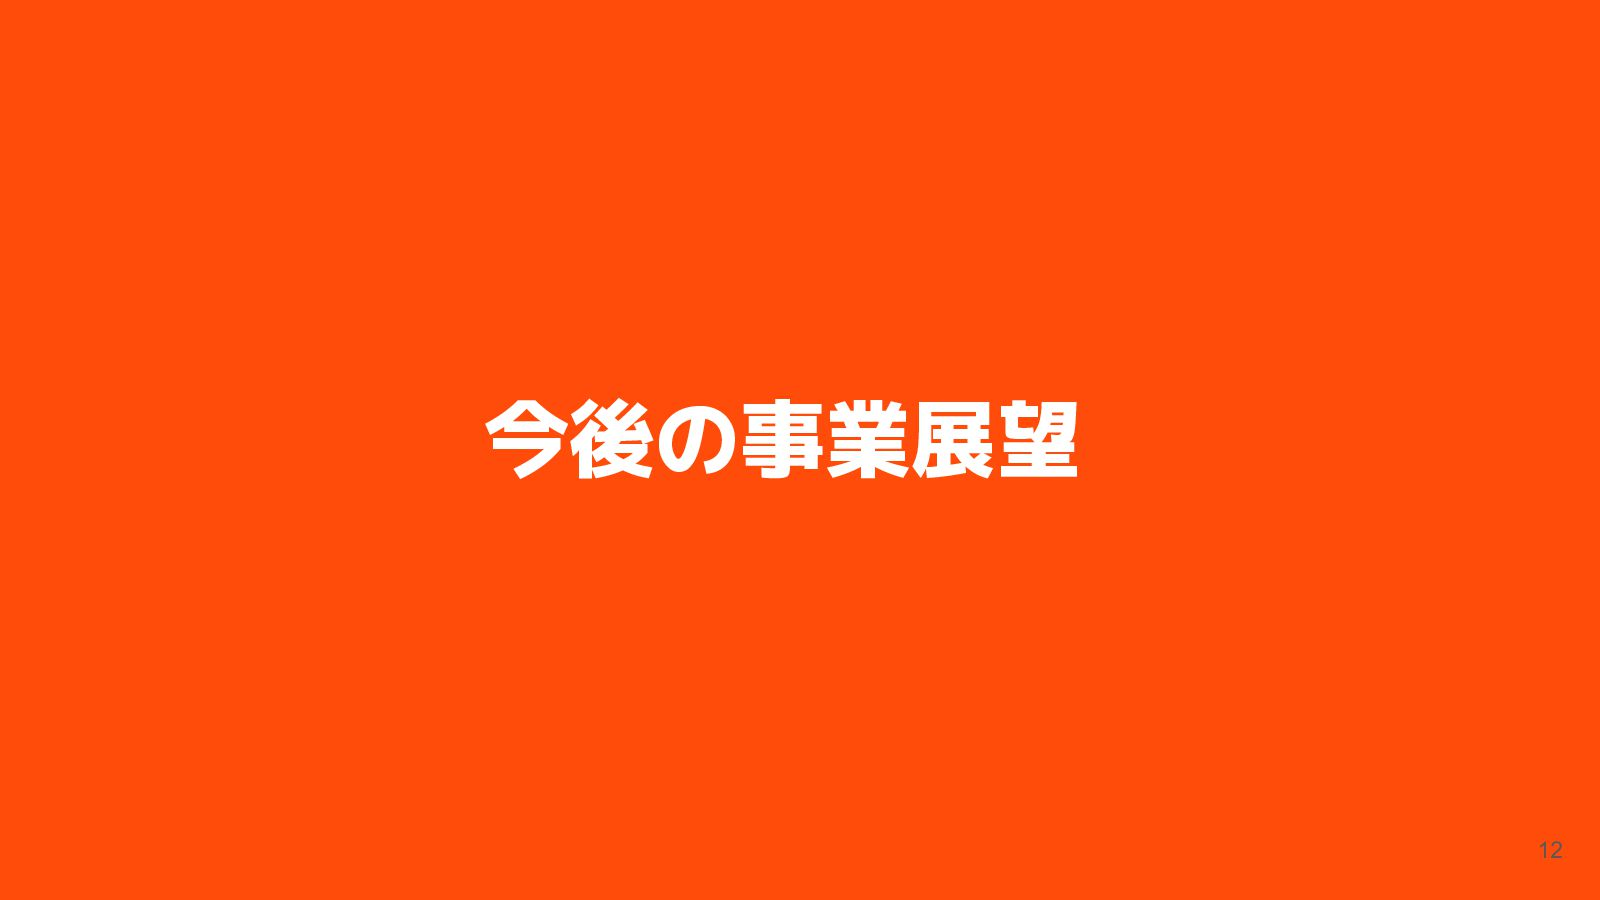 チームの紹介 12